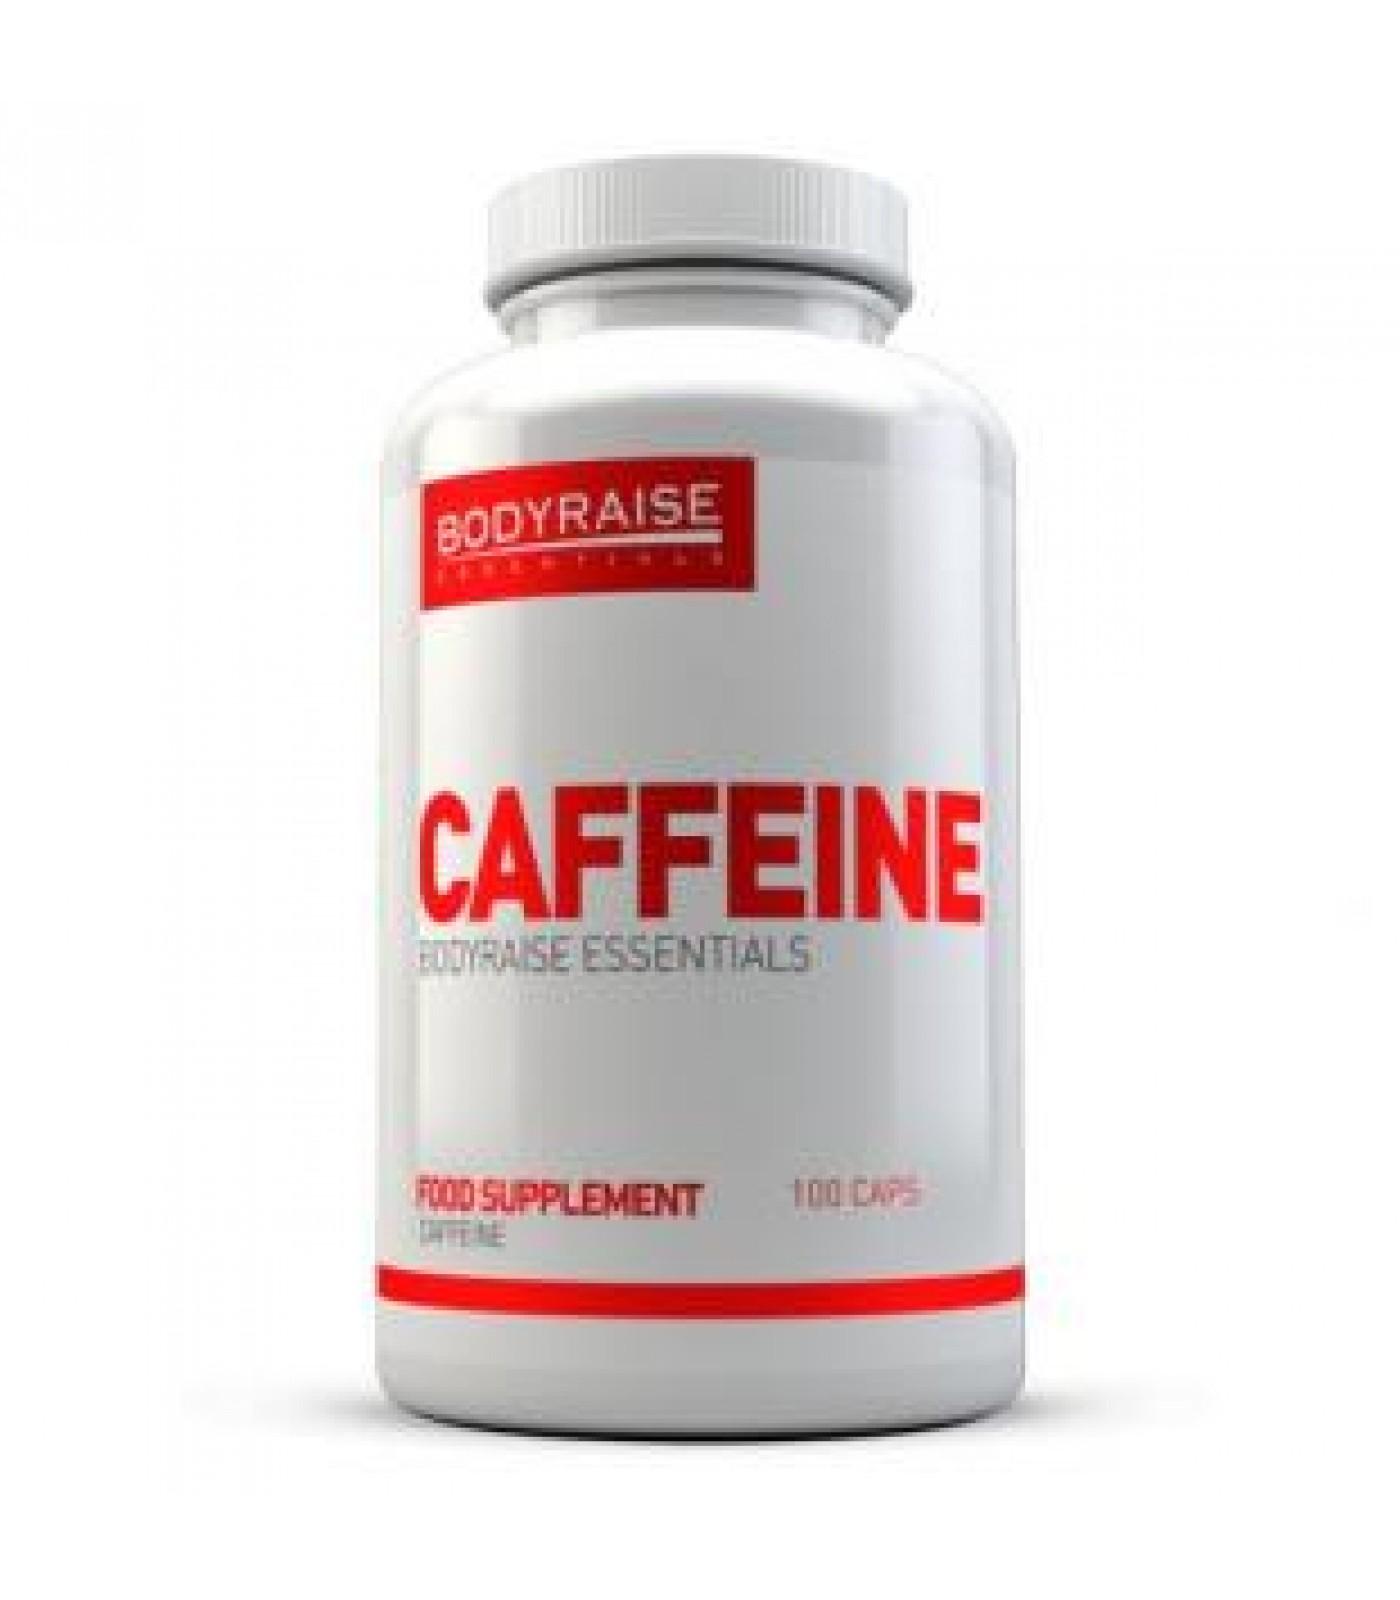 Bodyraise - Caffeine / 100caps.